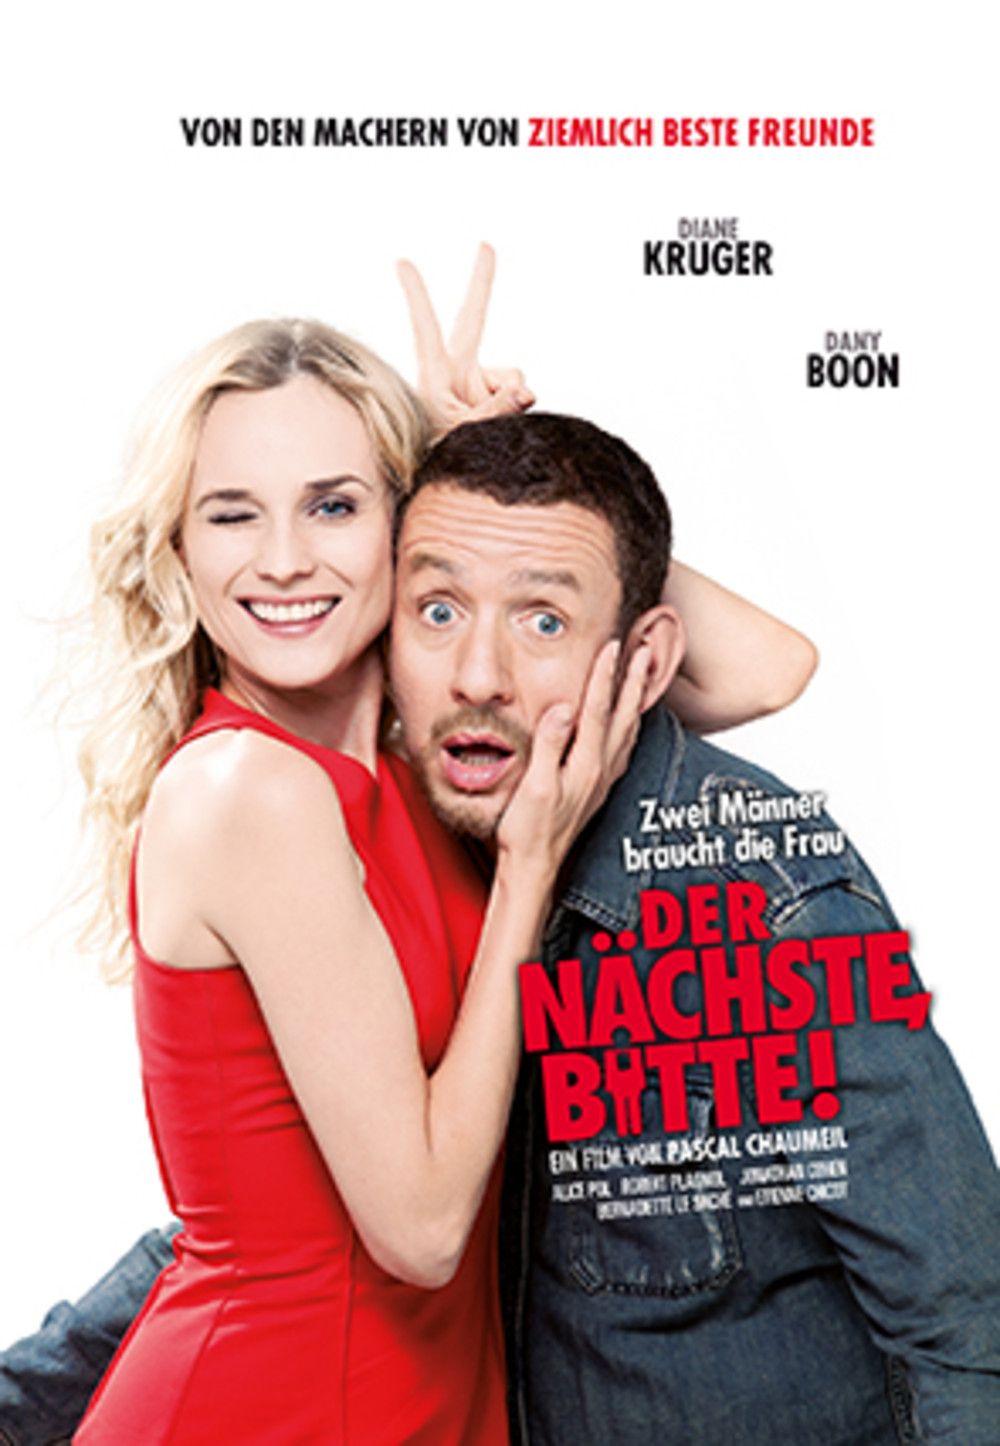 Der Nächste, bitte!: DVD, Blu-ray oder VoD leihen - VIDEOBUSTER.de #bluray